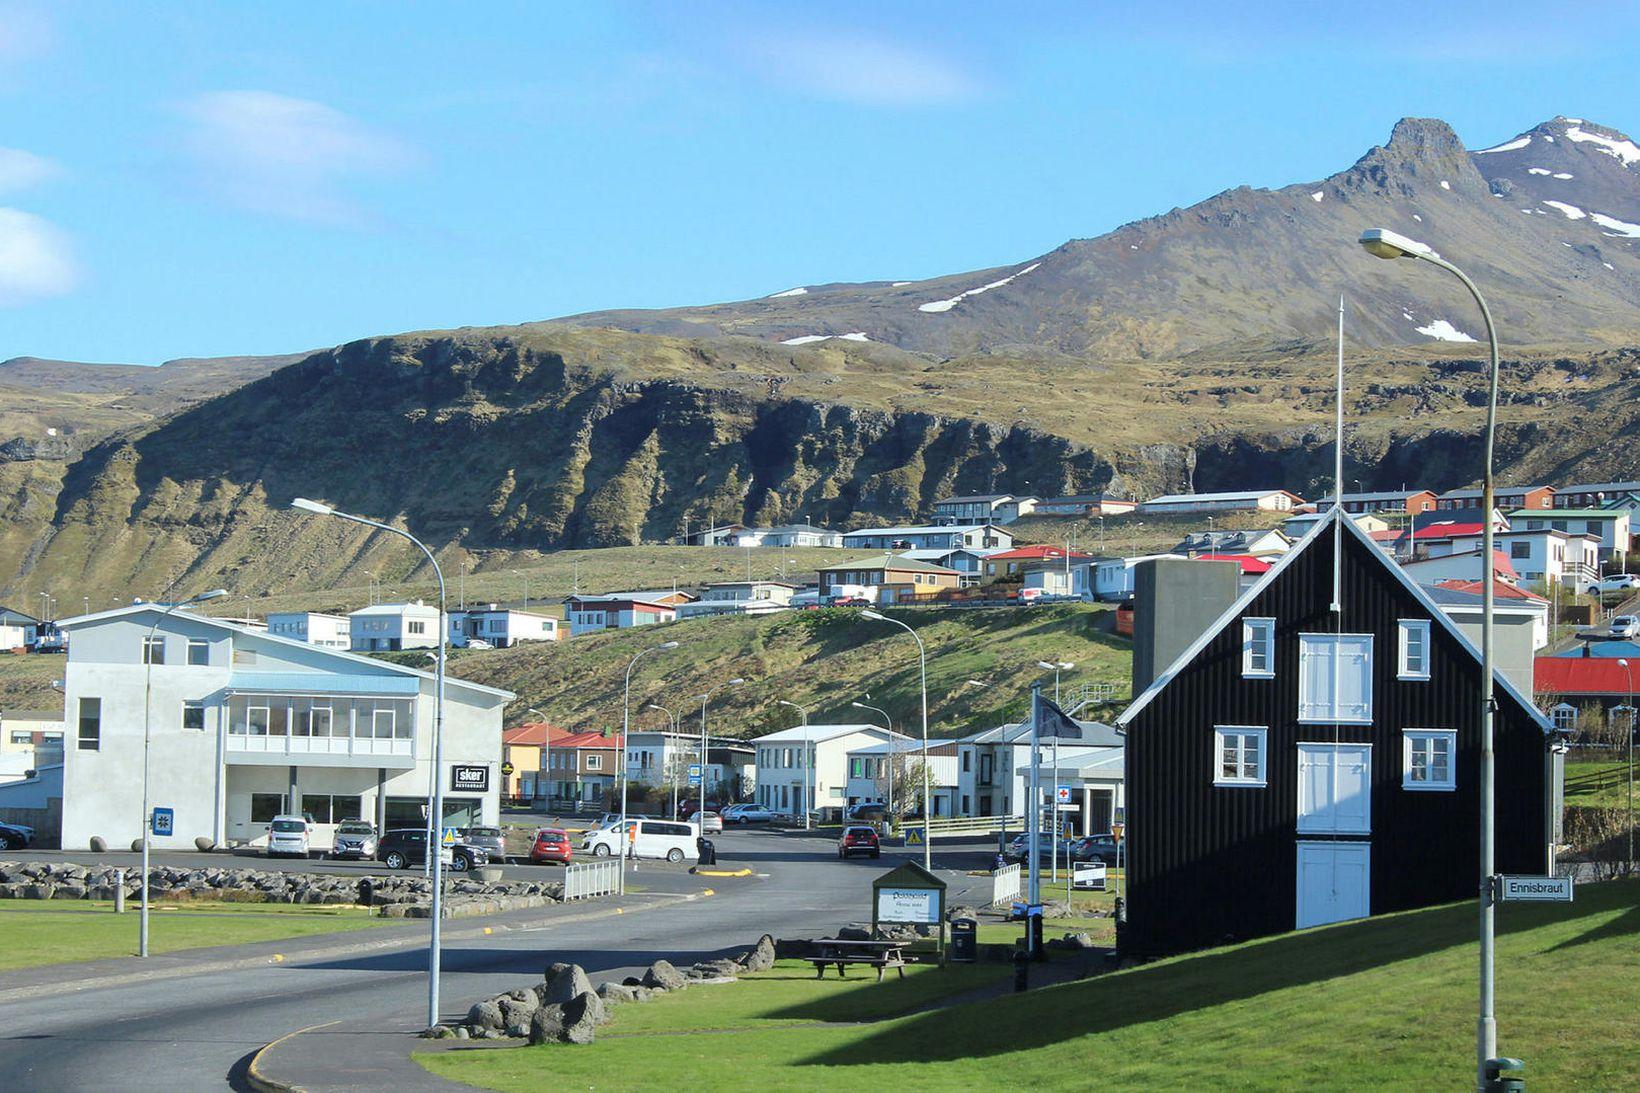 Eitt kórónuveirusmit greindist í Ólafsvík í dag.